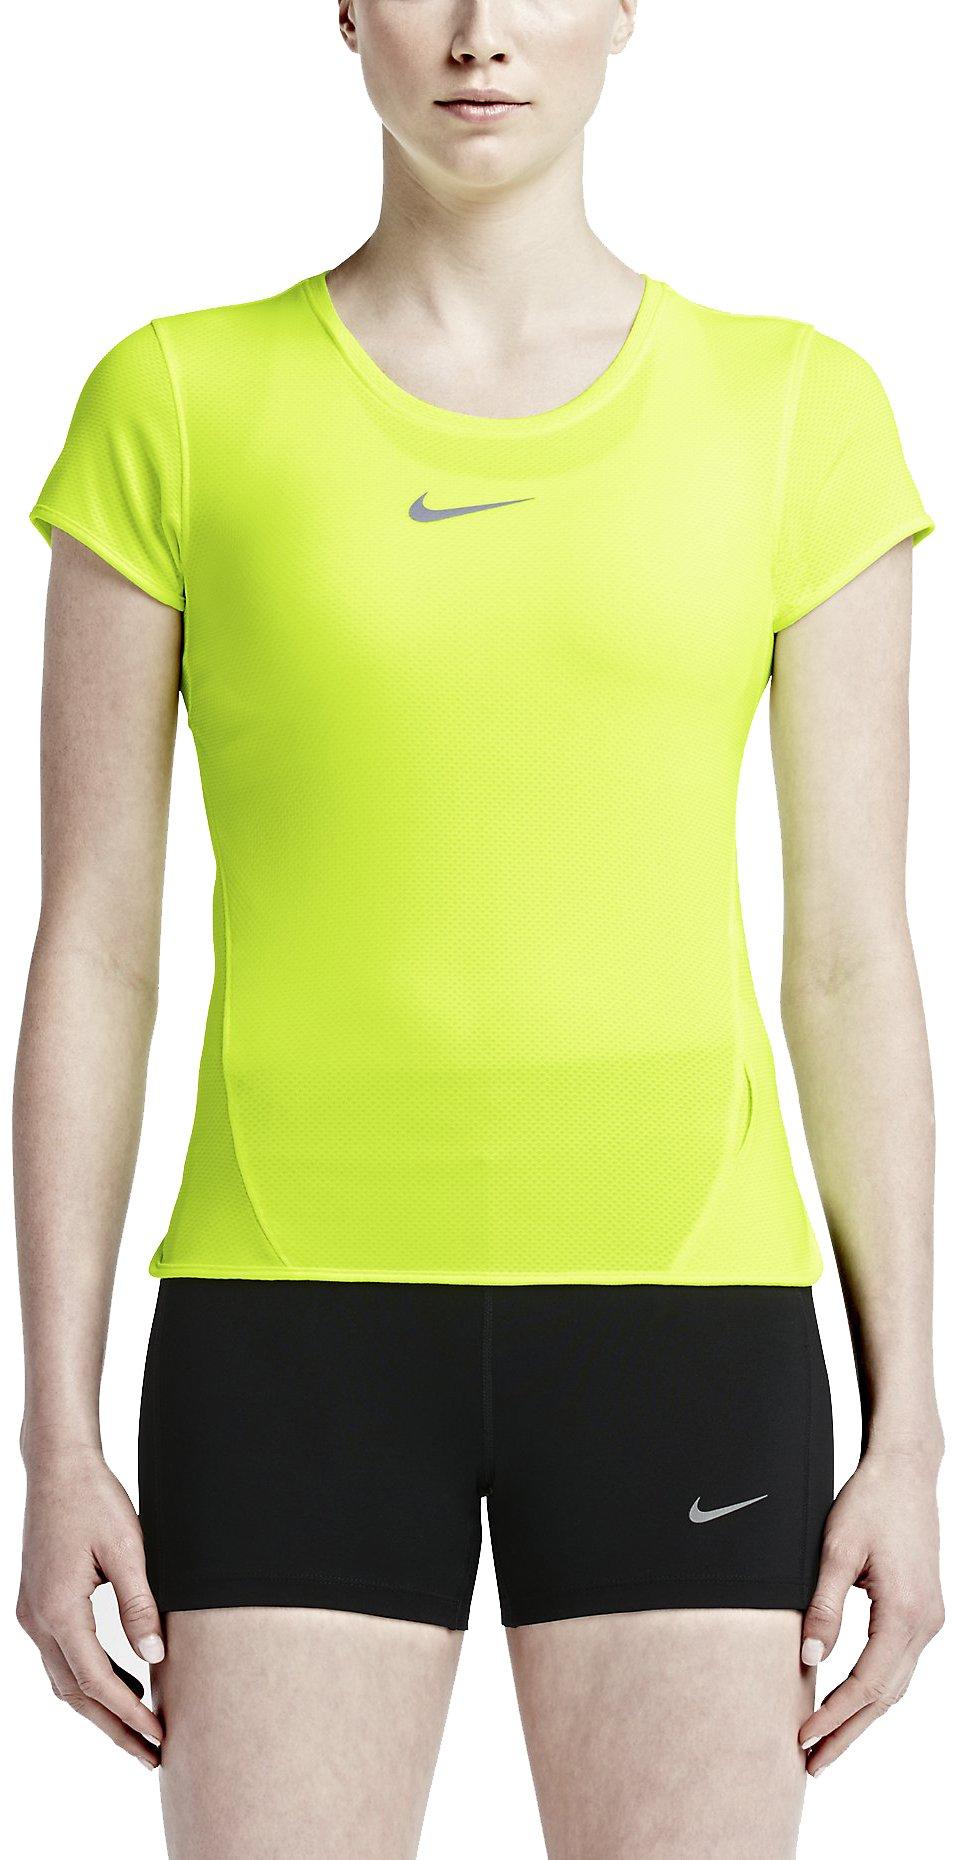 Běžecké triko Nike AeroReact